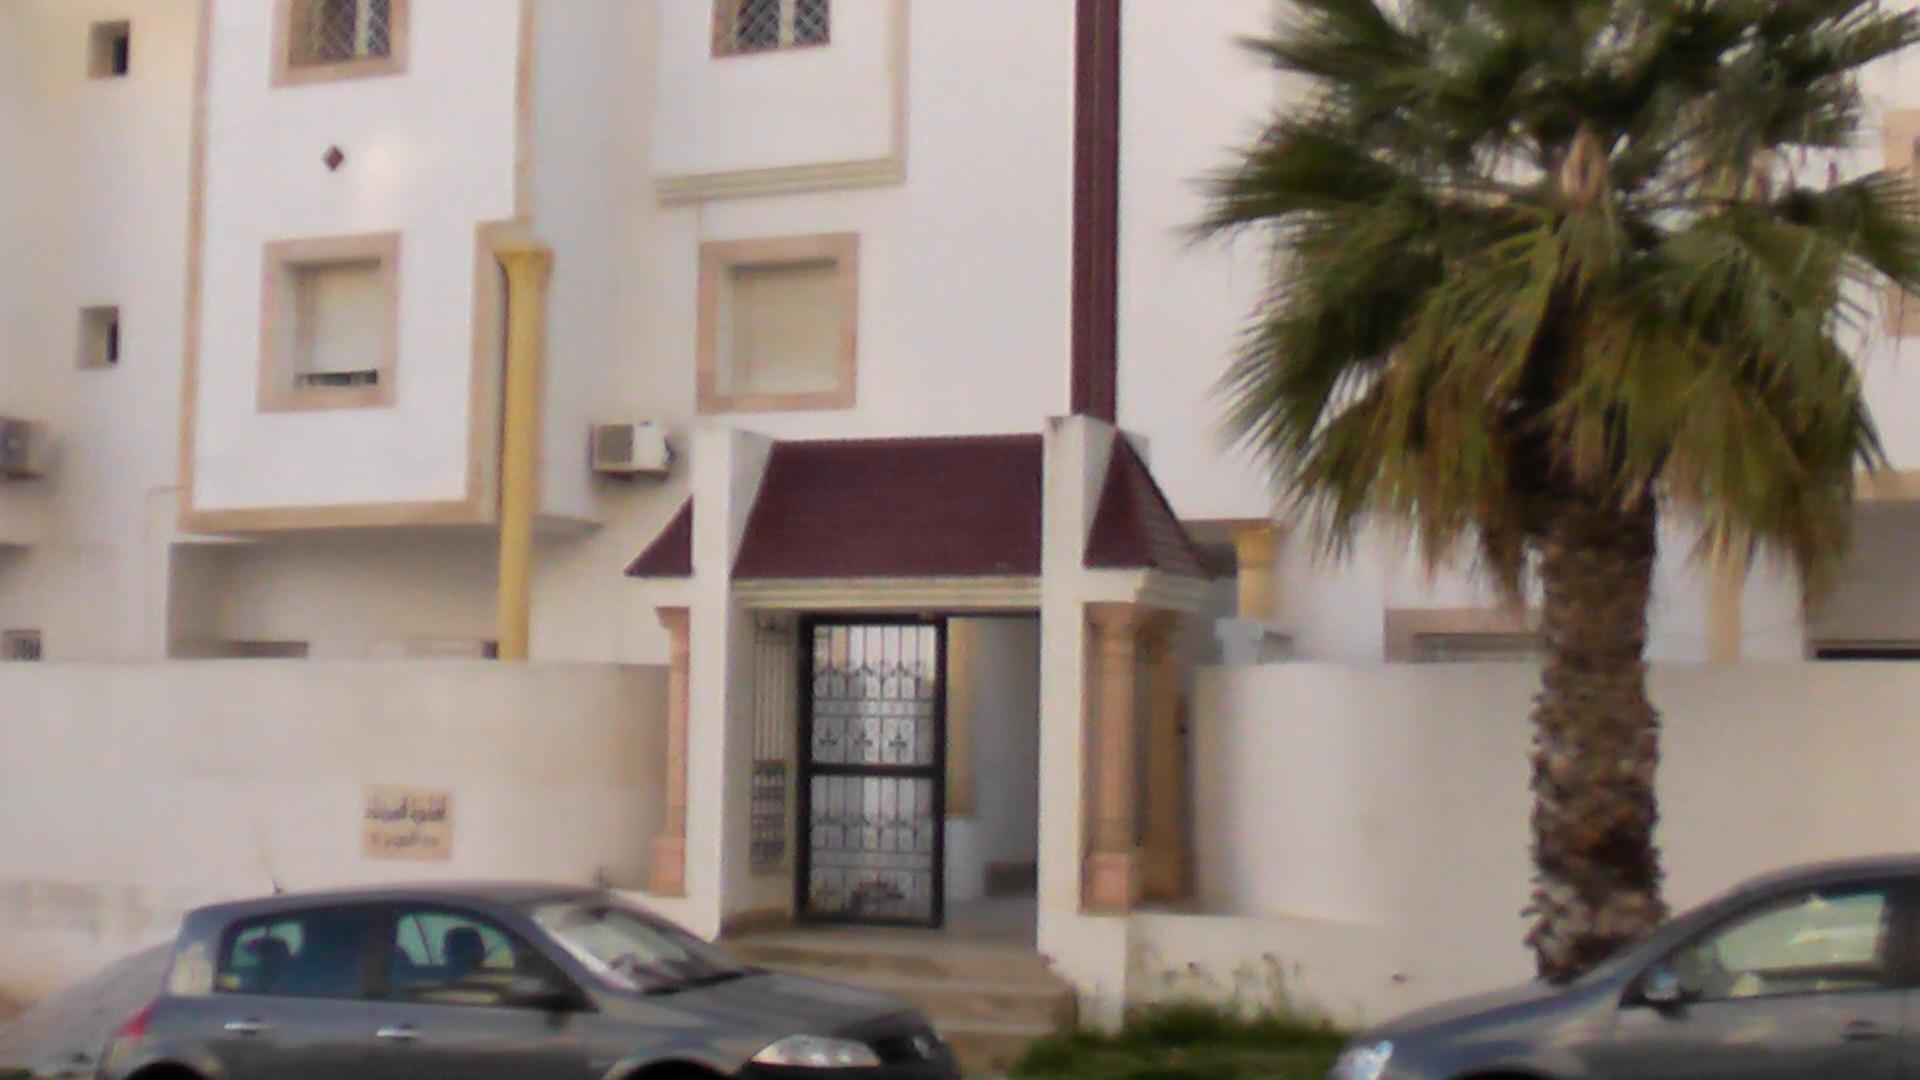 Villa luxe tunisie maison moderne for Agence de location de maison